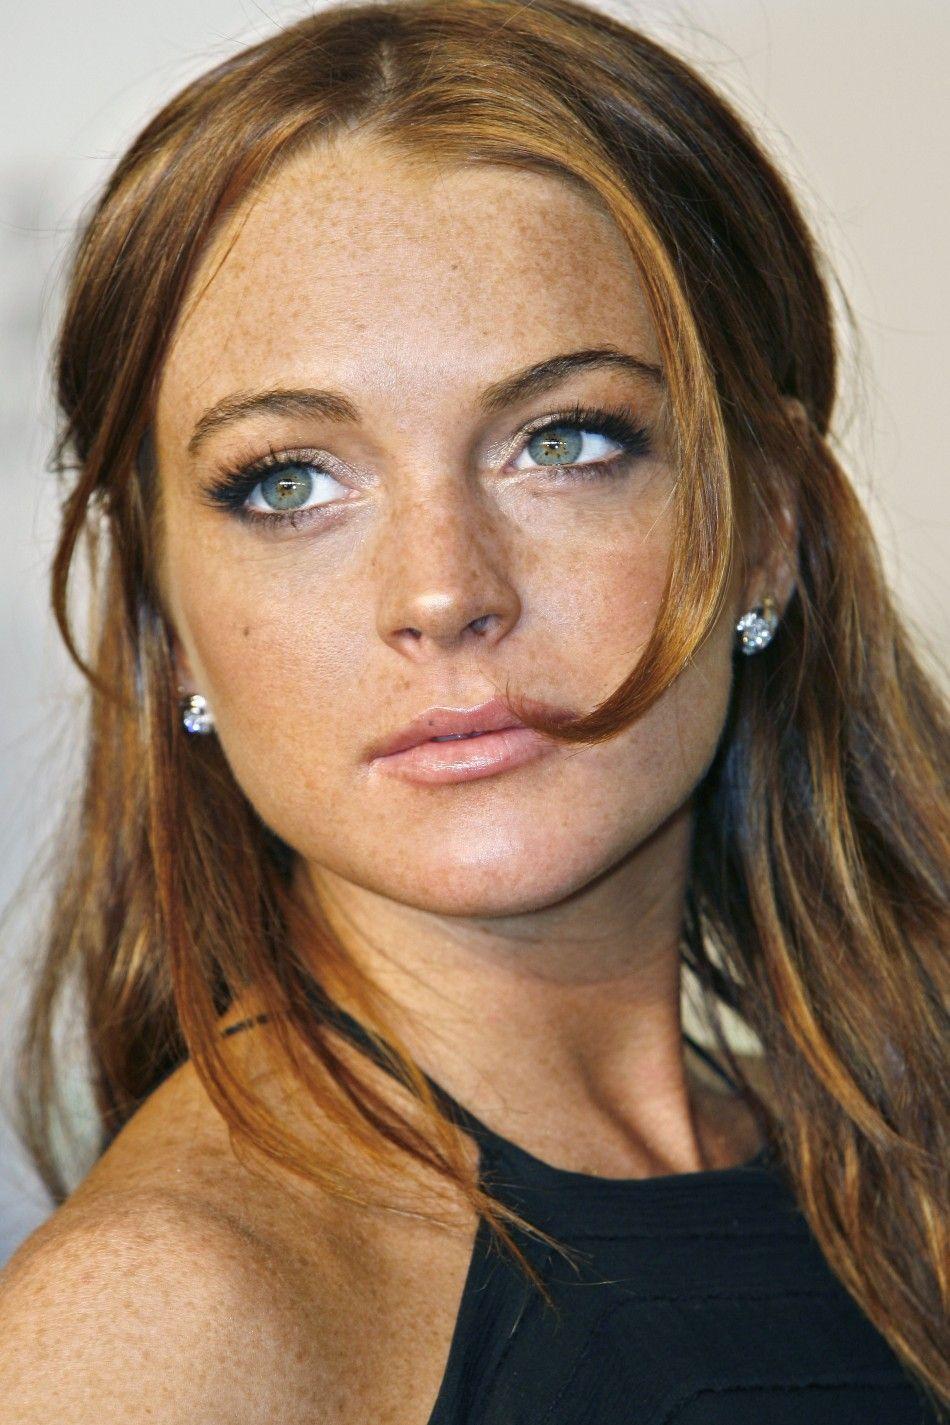 20. Lindsay Lohan